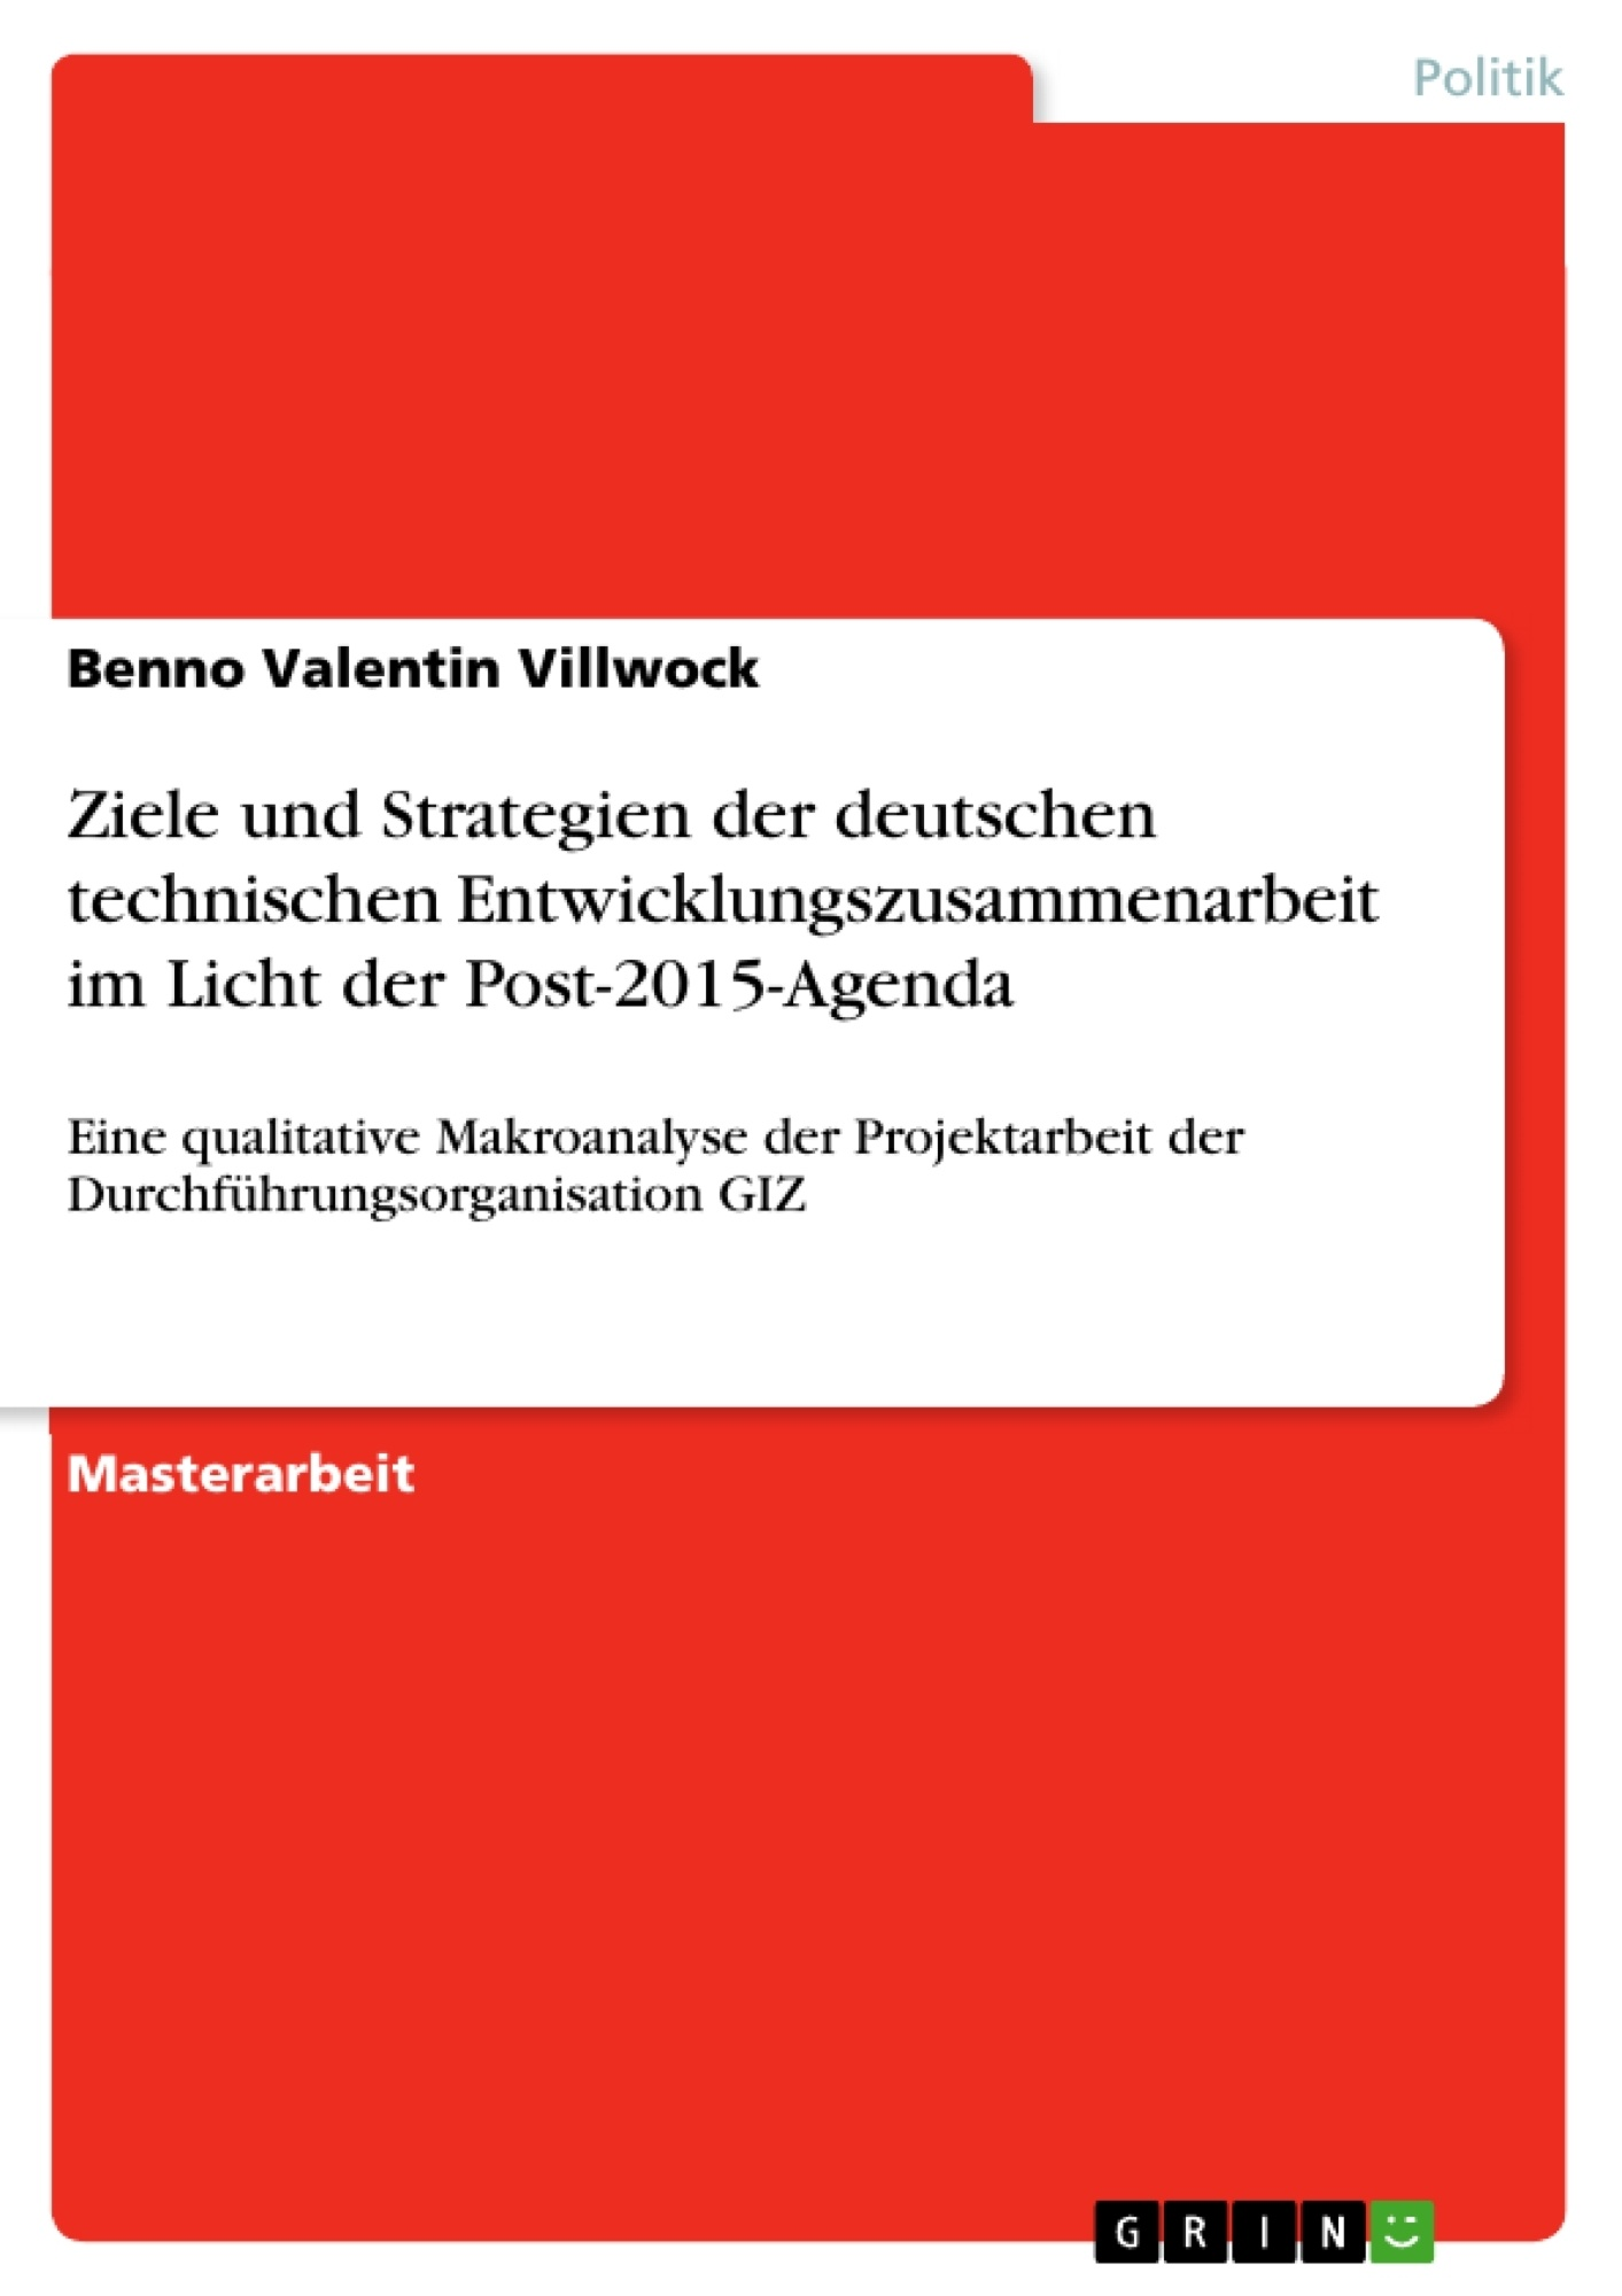 Titel: Ziele und Strategien der deutschen technischen Entwicklungszusammenarbeit im Licht der Post-2015-Agenda